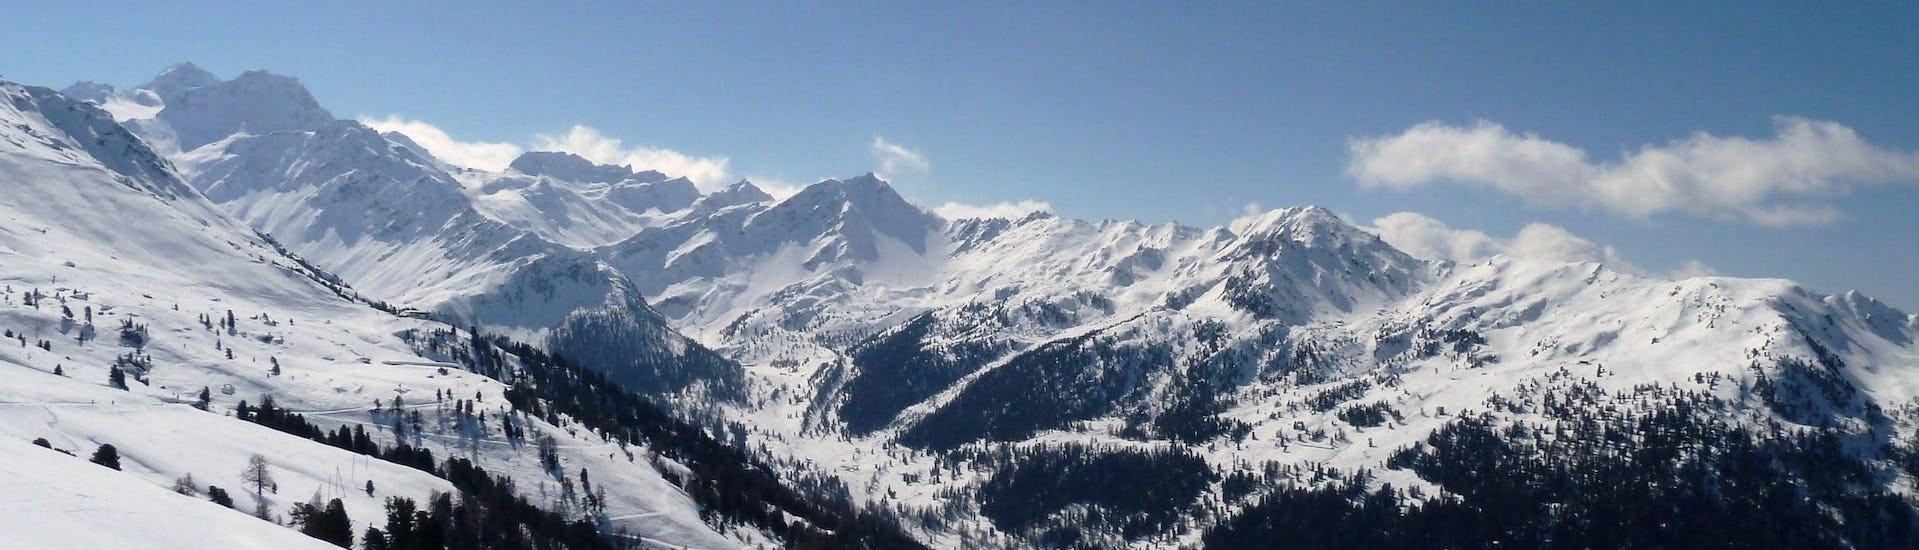 Ausblick auf die sonnige Berglandschaft beim Skifahren lernen mit den Skischulen in Nendaz.